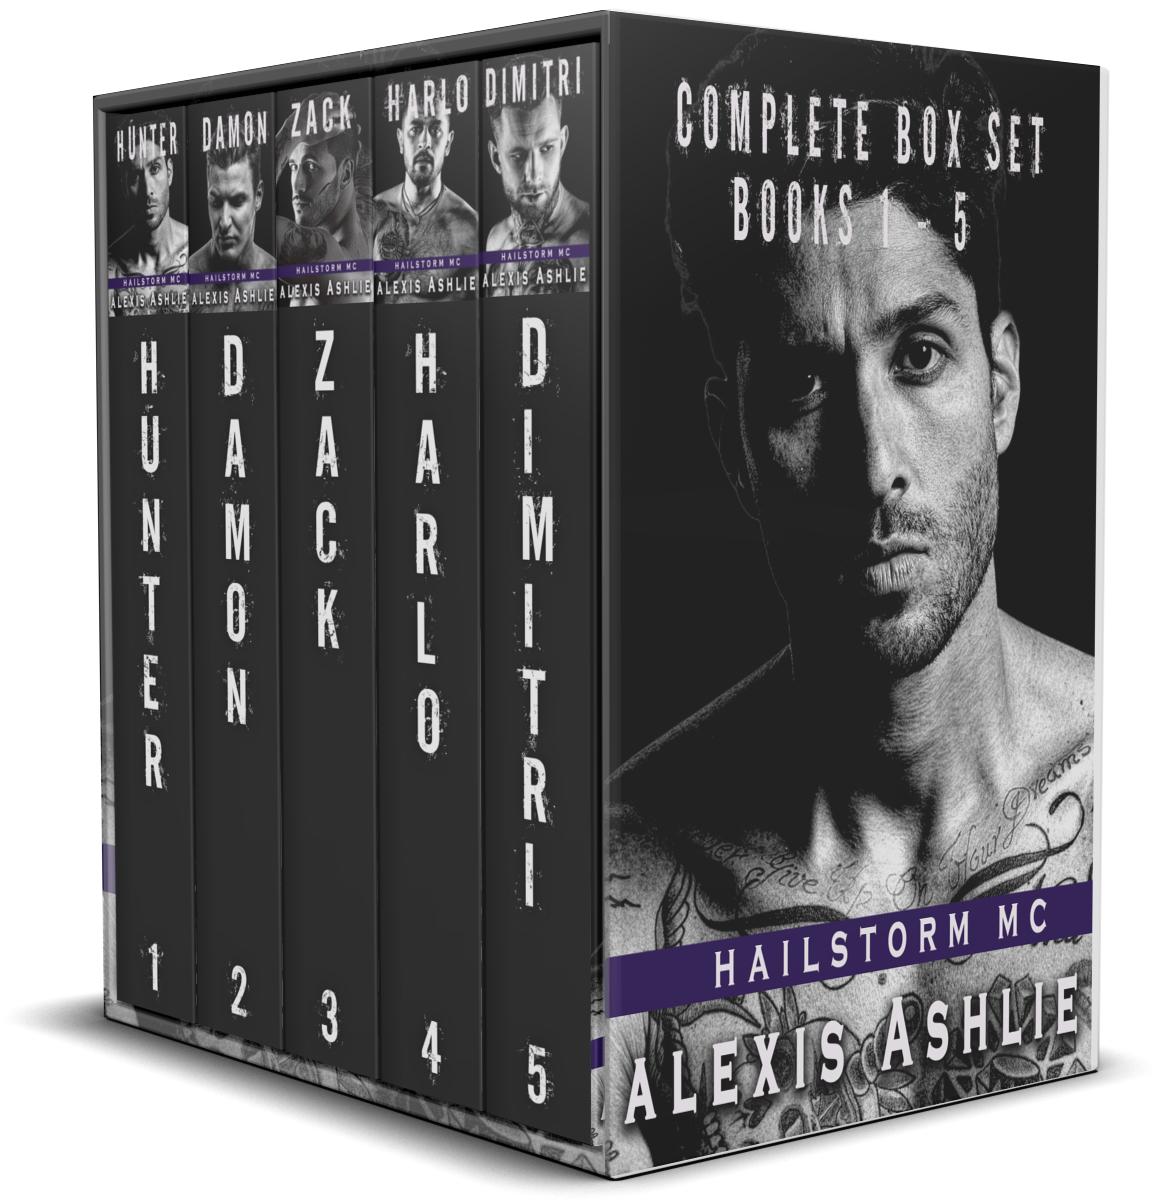 Hailstorm MC (Boxed Set)